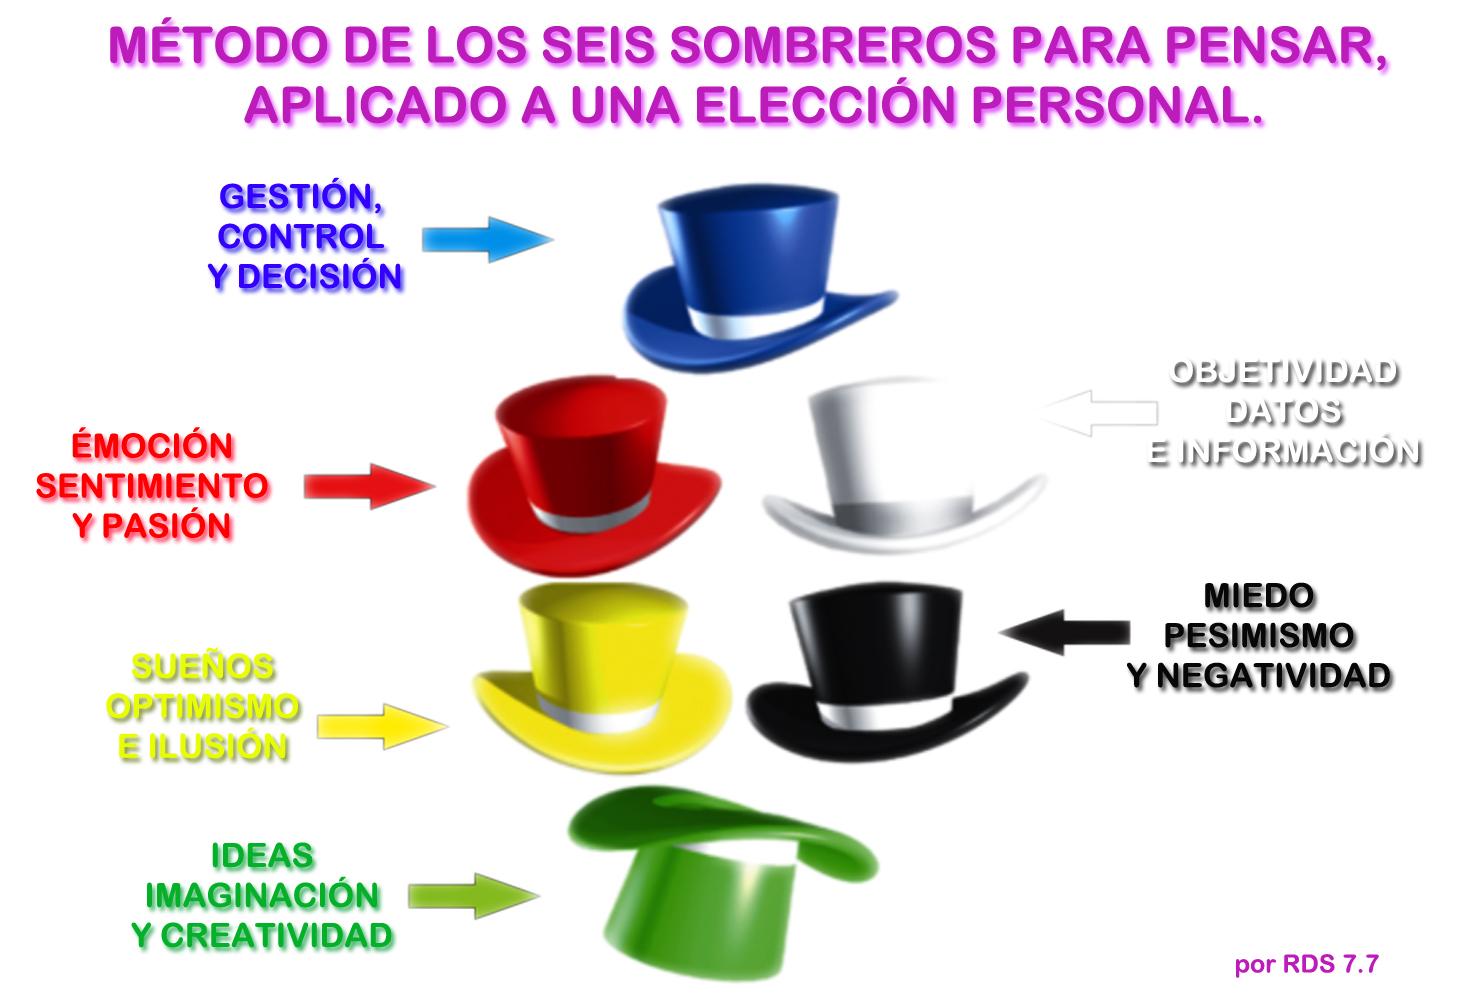 3021e7ae9775e 6 sombreros para pensar como herramienta para tu decisión personal ...